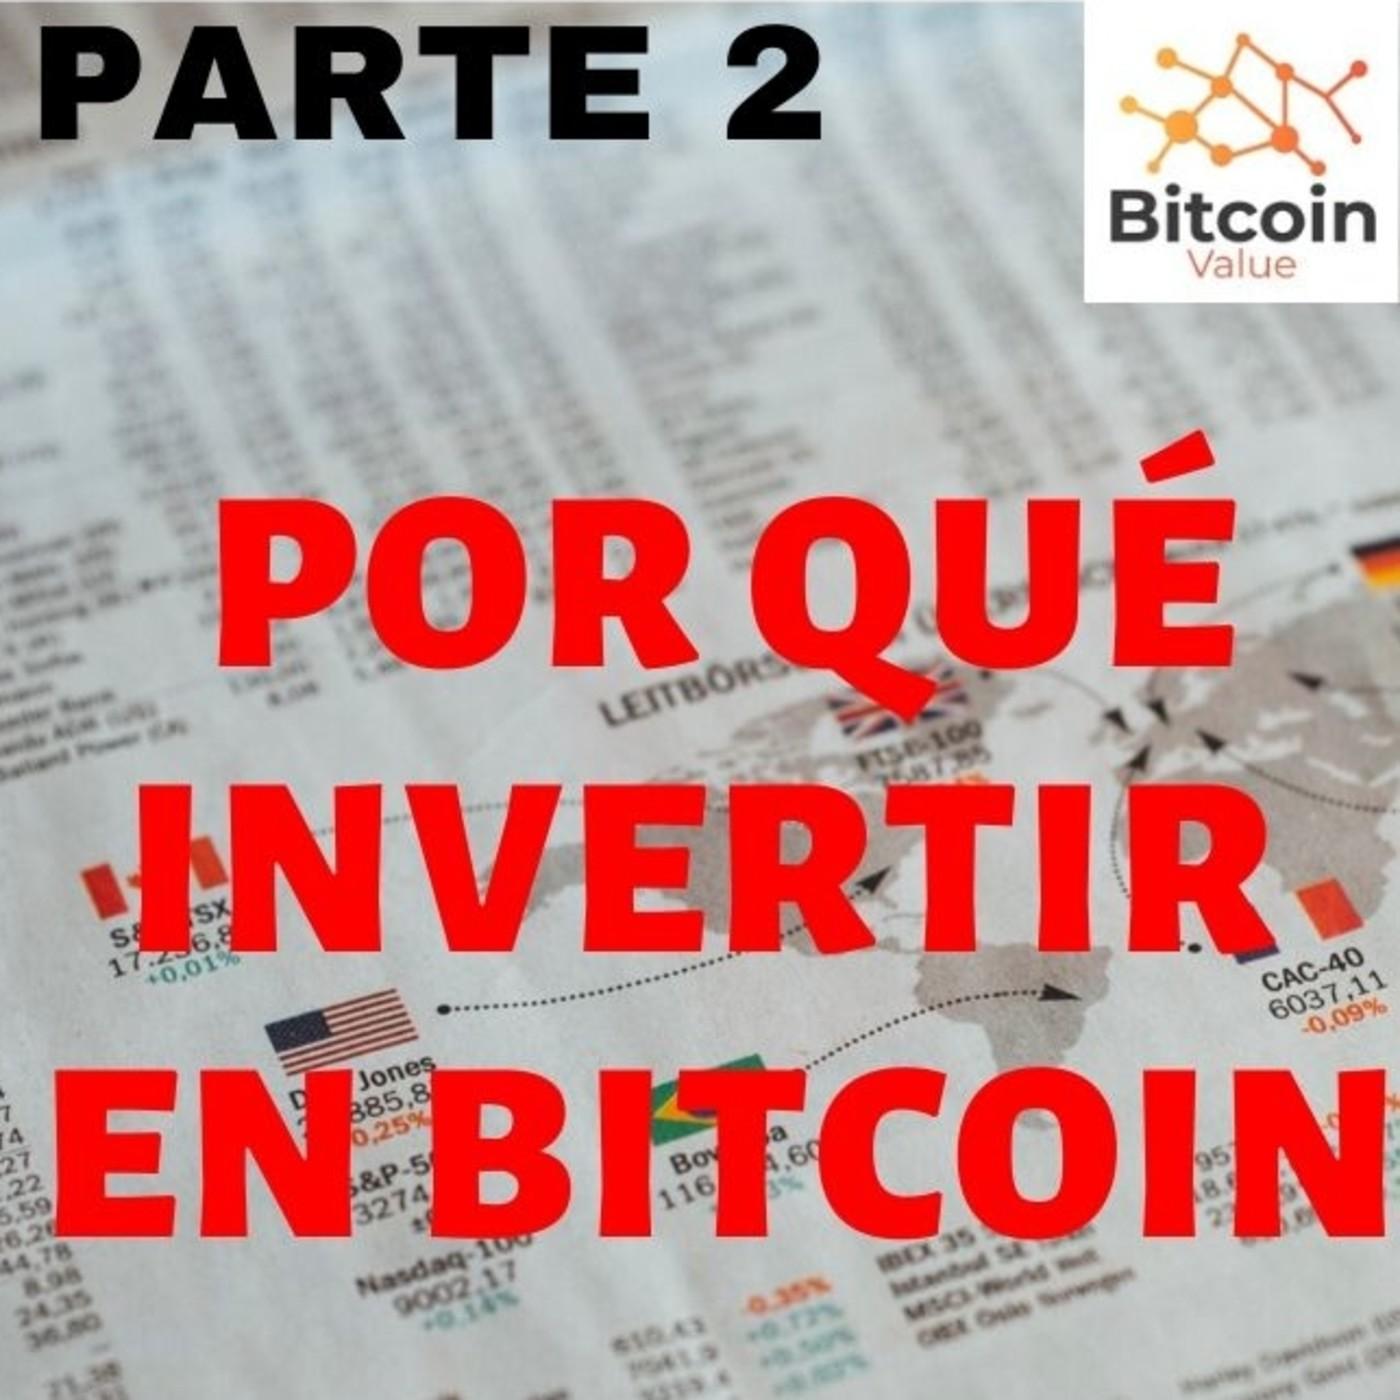 Tesis de #inversión en #bitcoin - Parte 02